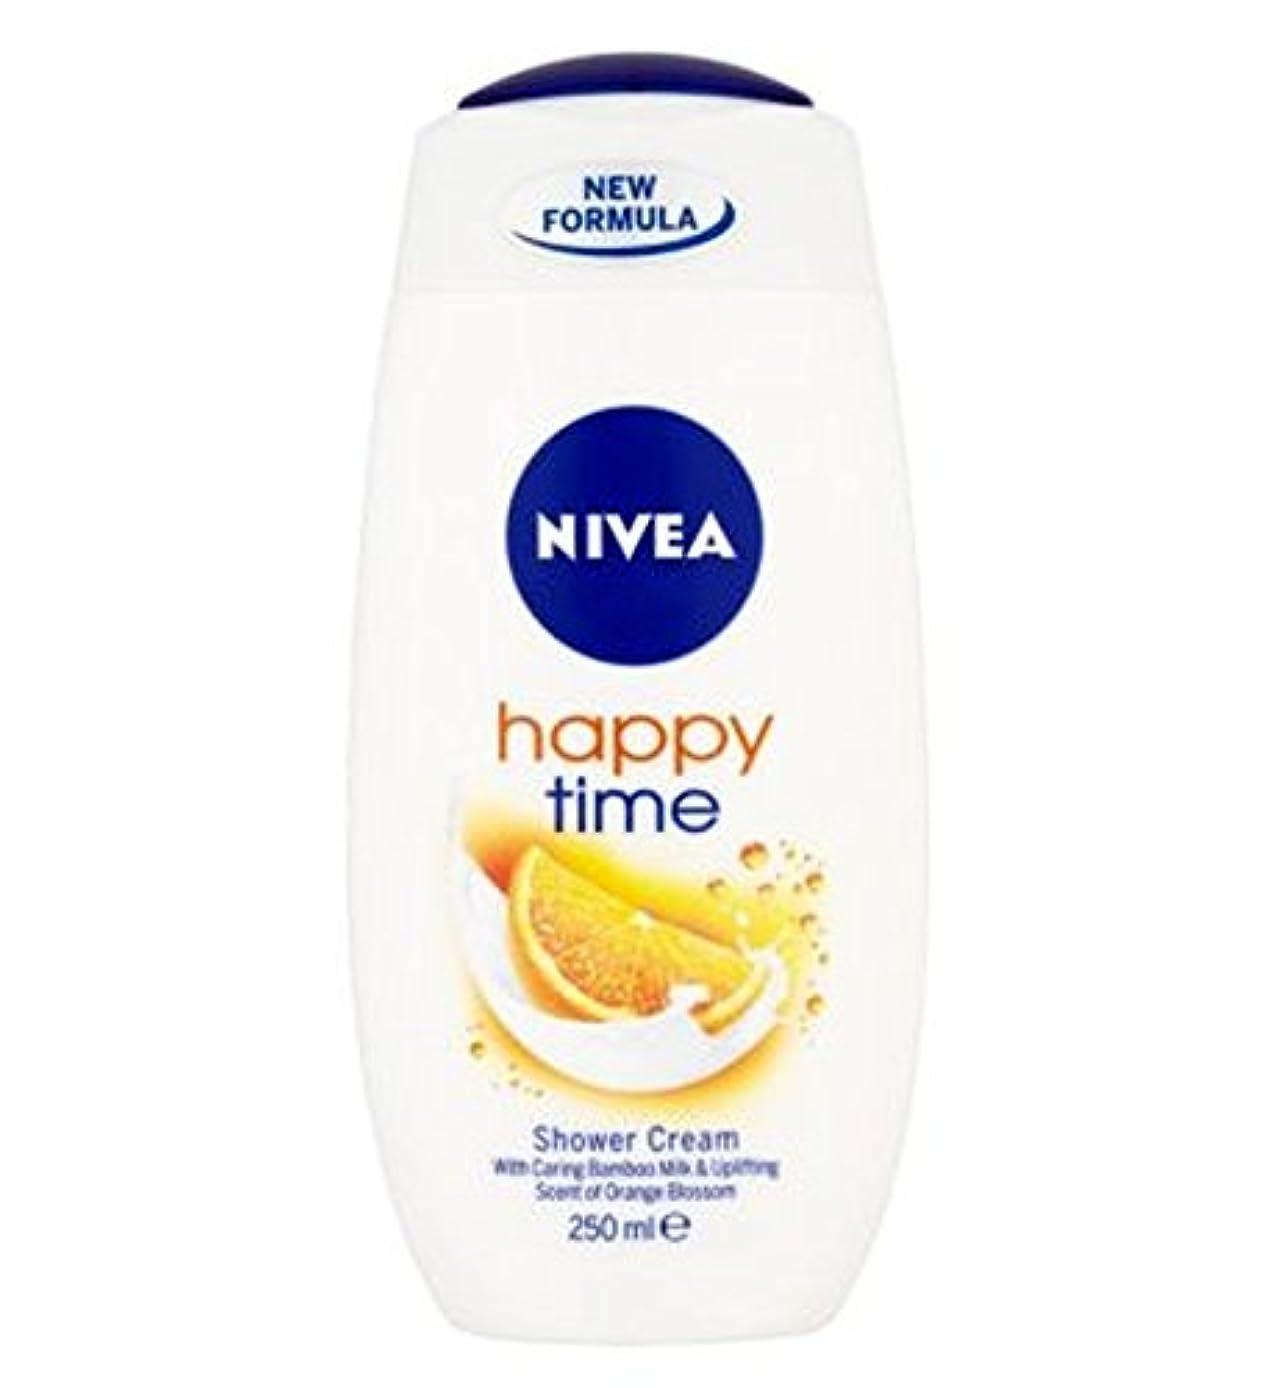 転倒好色なはねかけるNIVEA Happy Time Shower Cream 250ml - ニベア幸せな時間シャワークリーム250ミリリットル (Nivea) [並行輸入品]